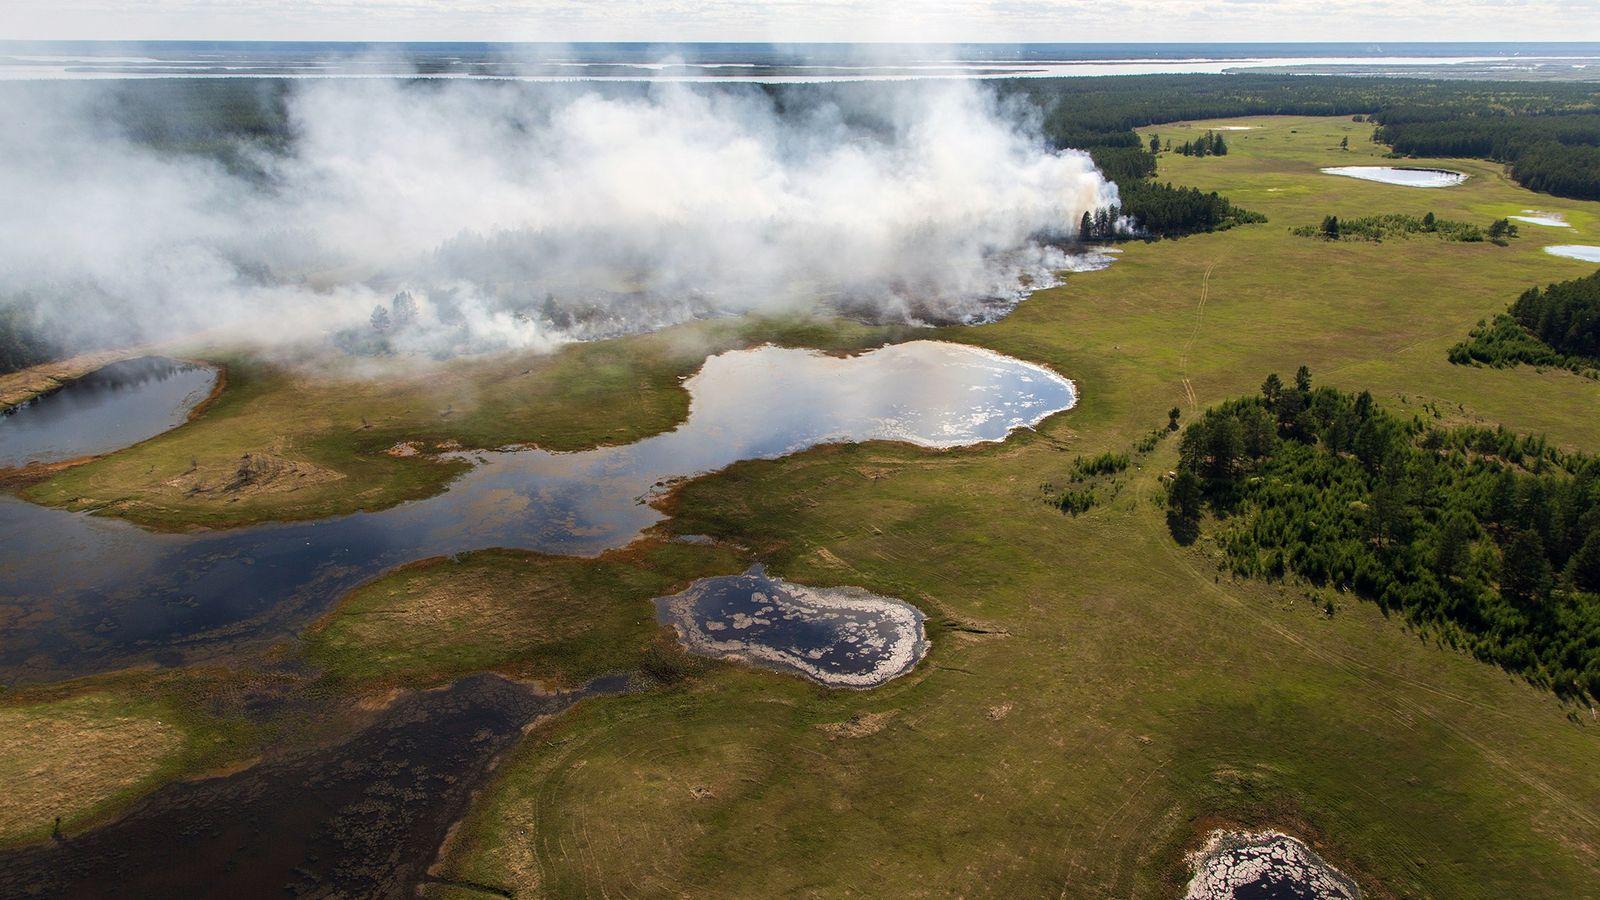 In Sacha, einer der kältesten Regionen Russlands, brennt der Wald. Dieses Gebiet ist zu 83 Prozent ...